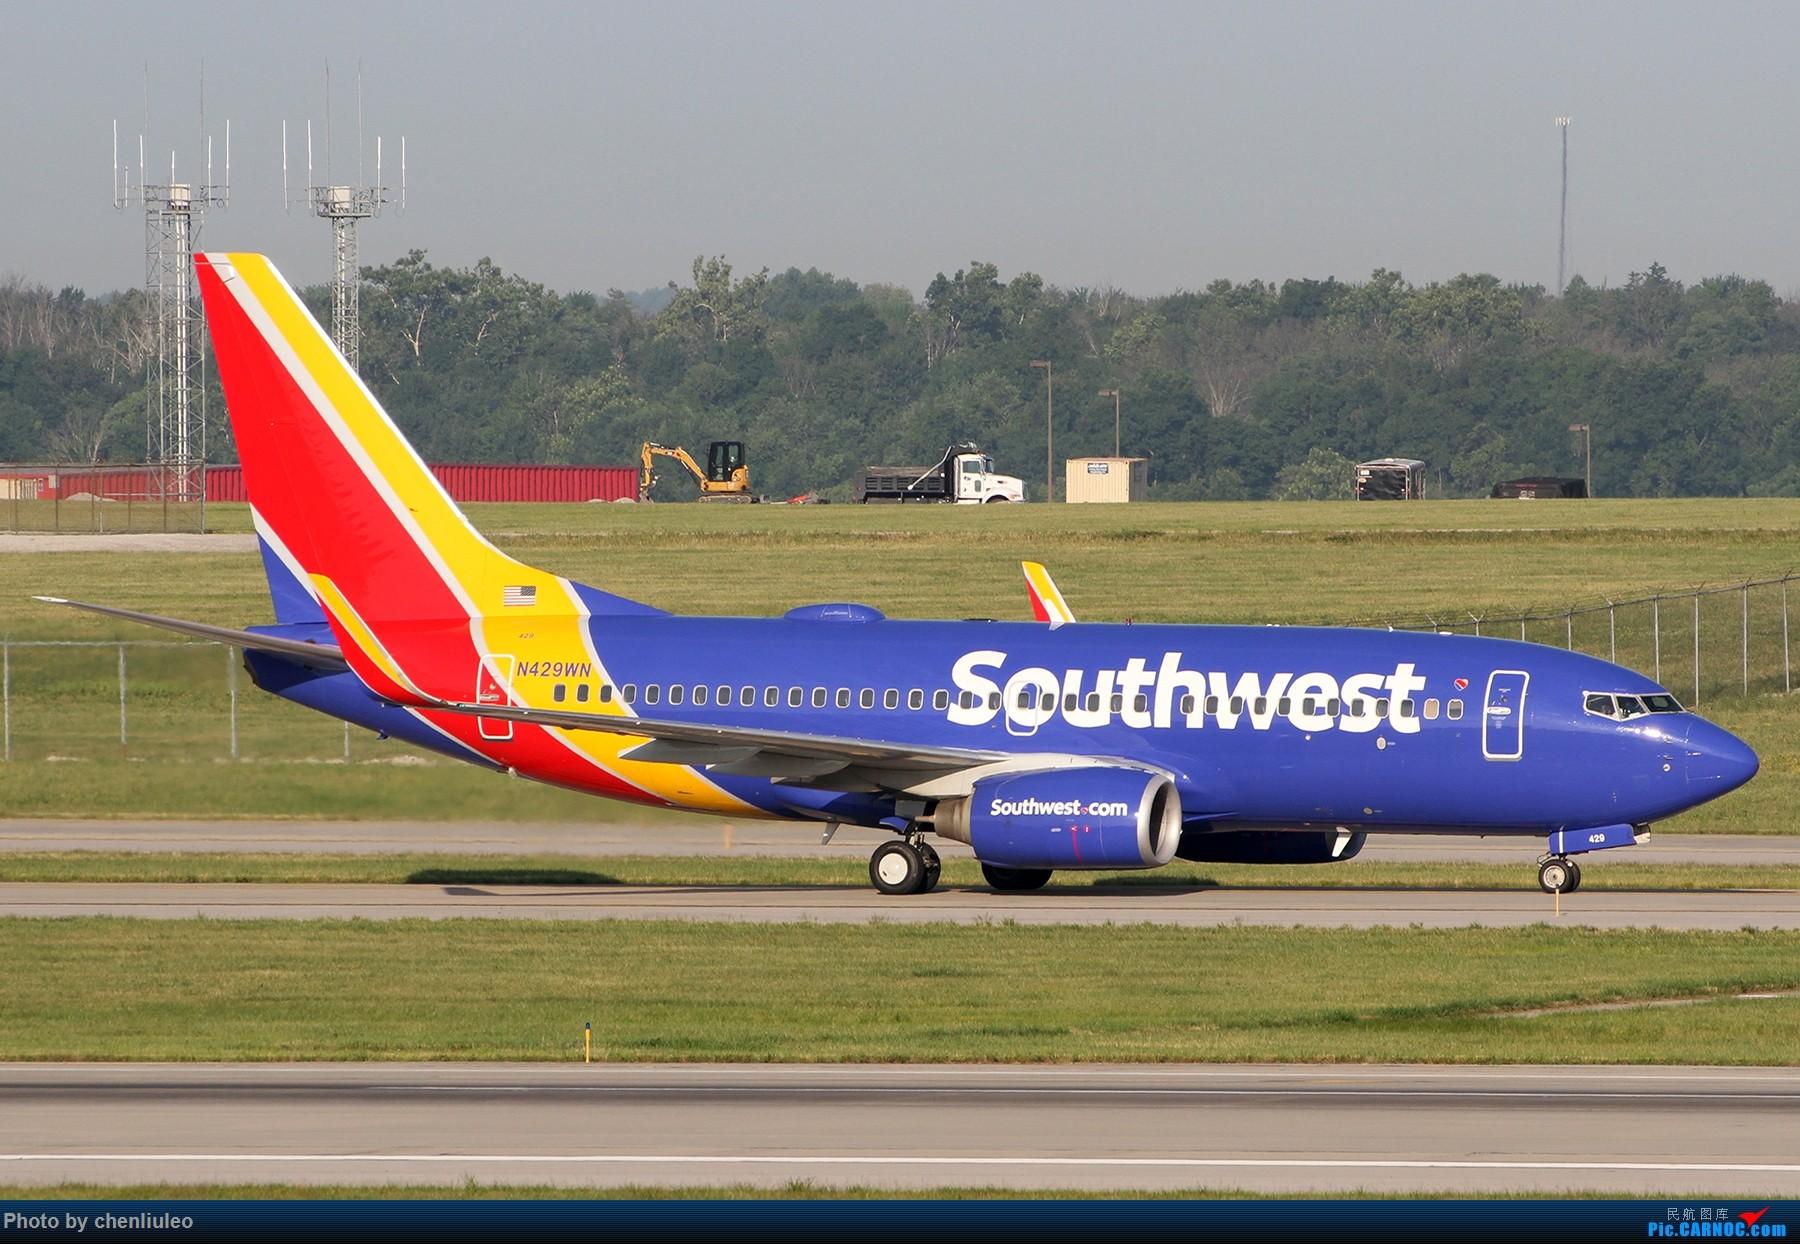 Re:[原创]【北美飞友会】辛辛那提北肯塔基国际机场 货机的天堂 BOEING 737-700 N429WN 美国辛辛那提-北肯塔基国际机场